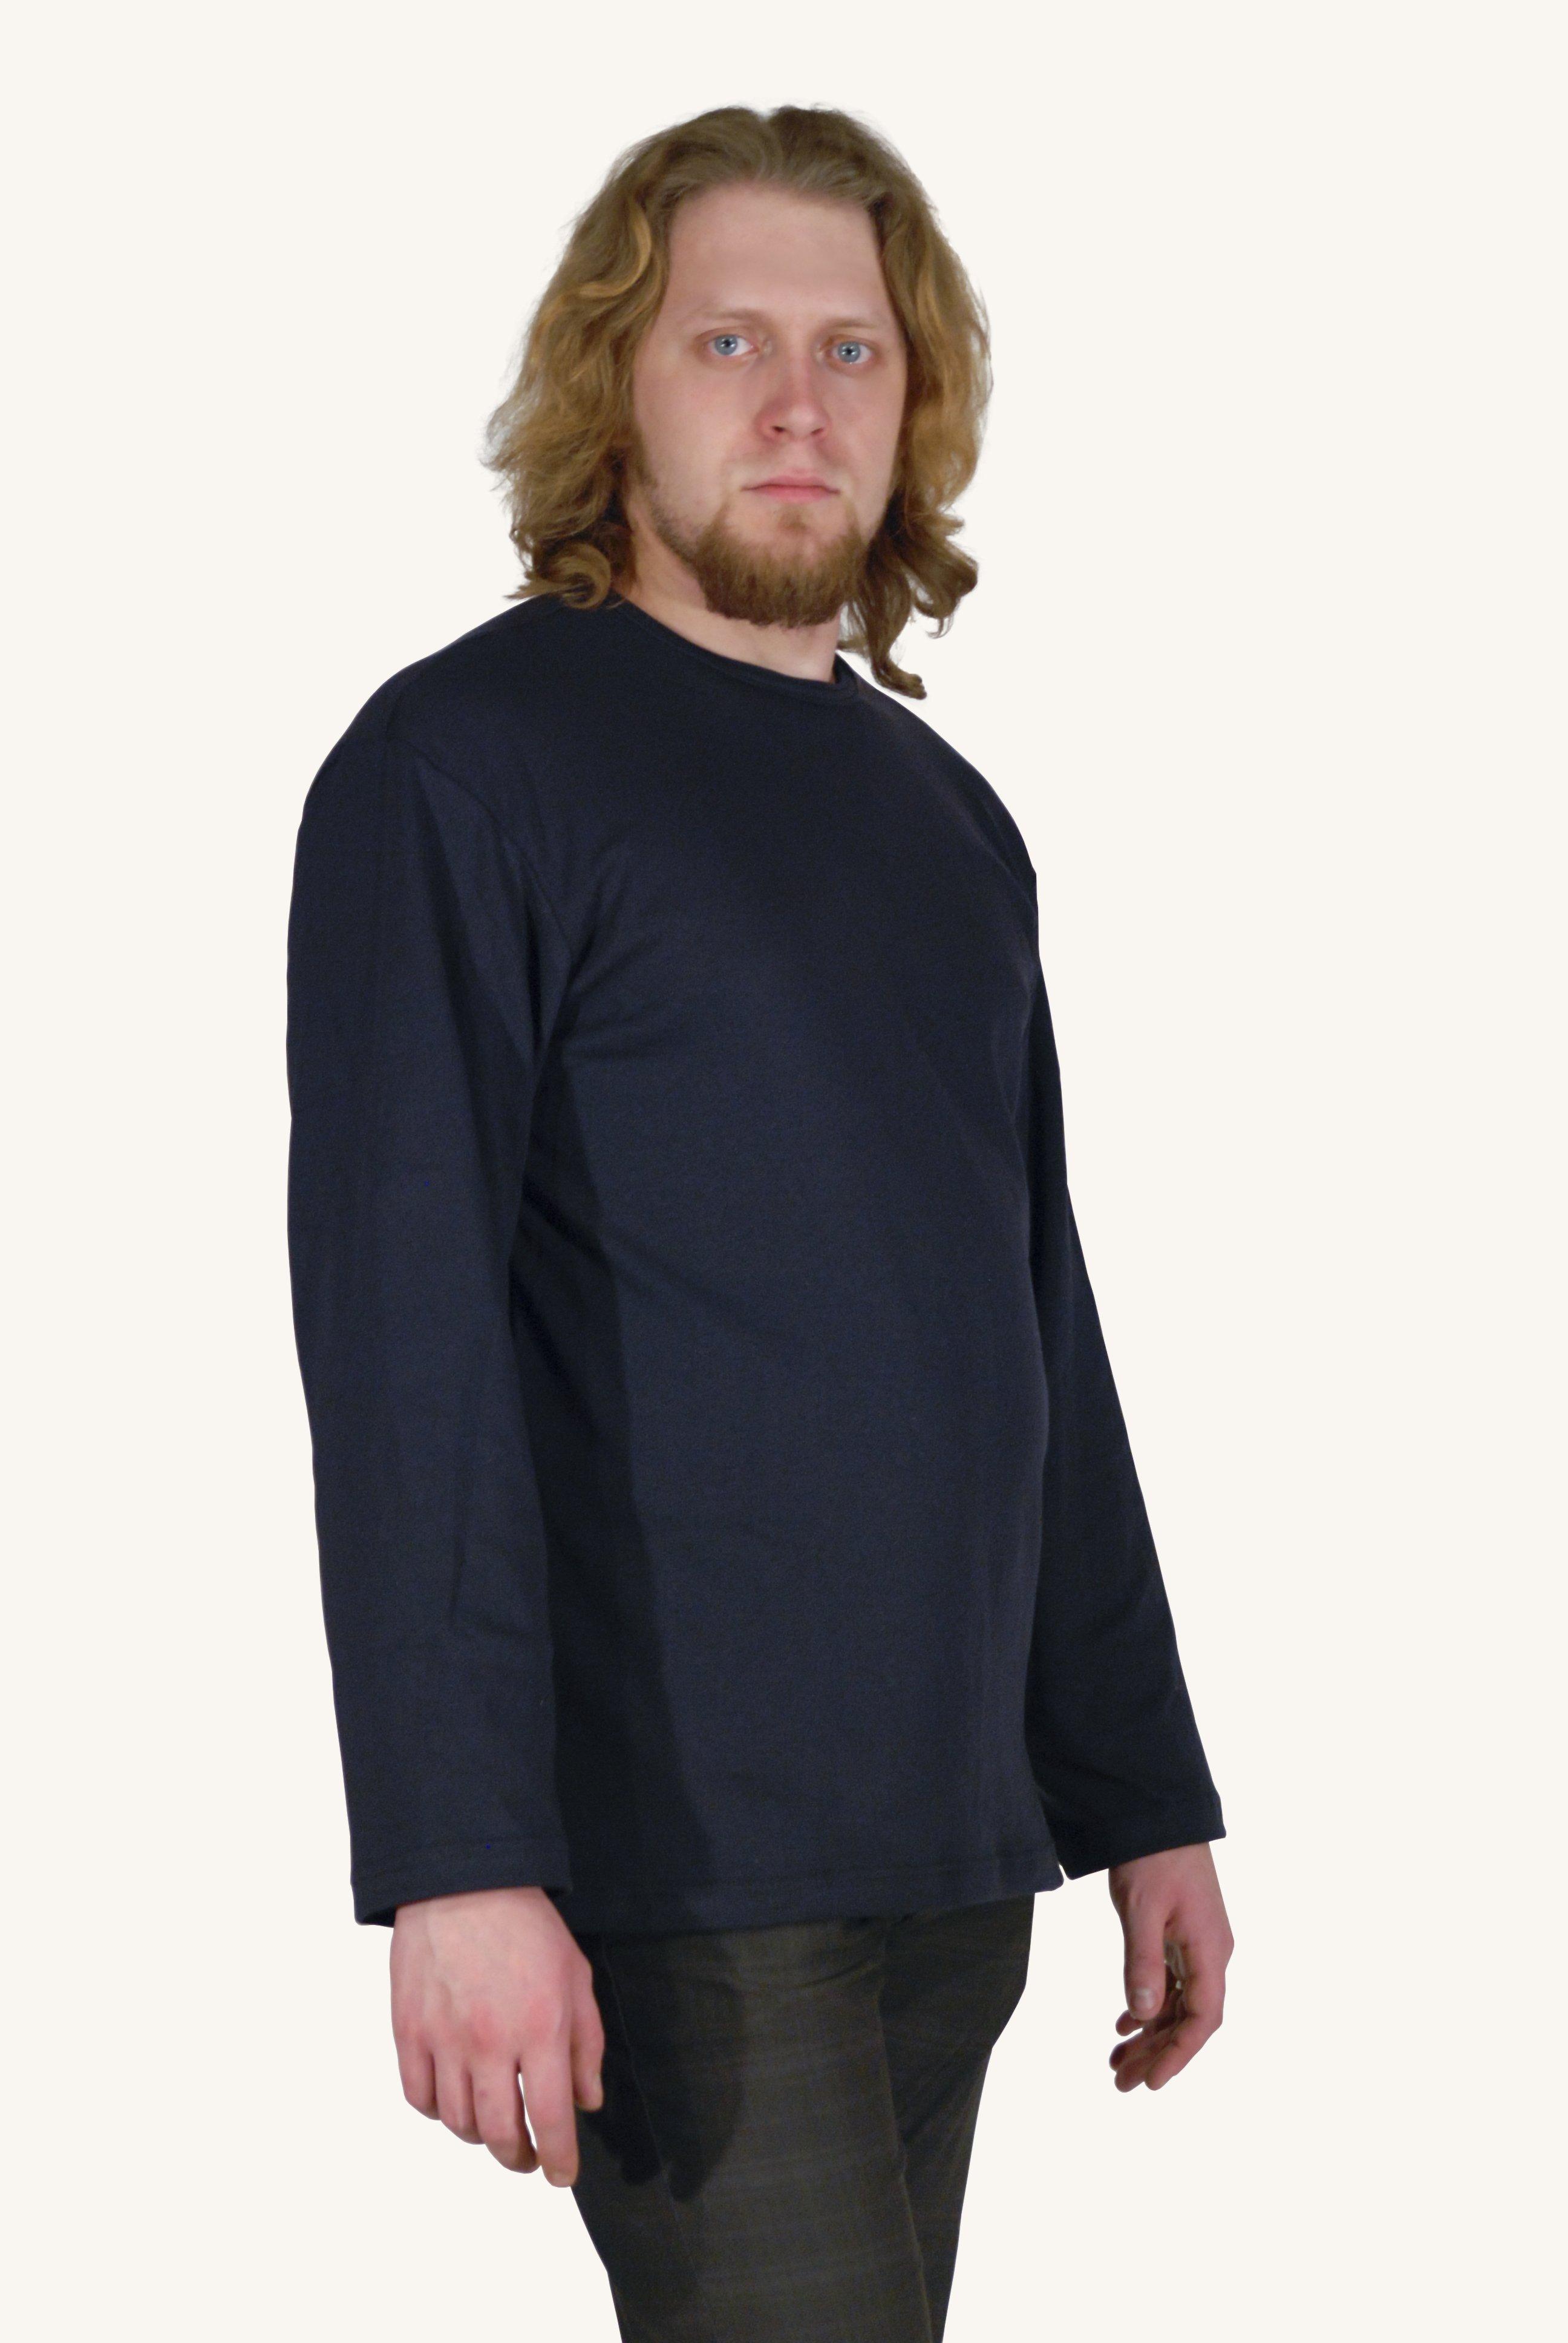 Толстовка облегченная интерлок | купить ивановский текстиль оптом